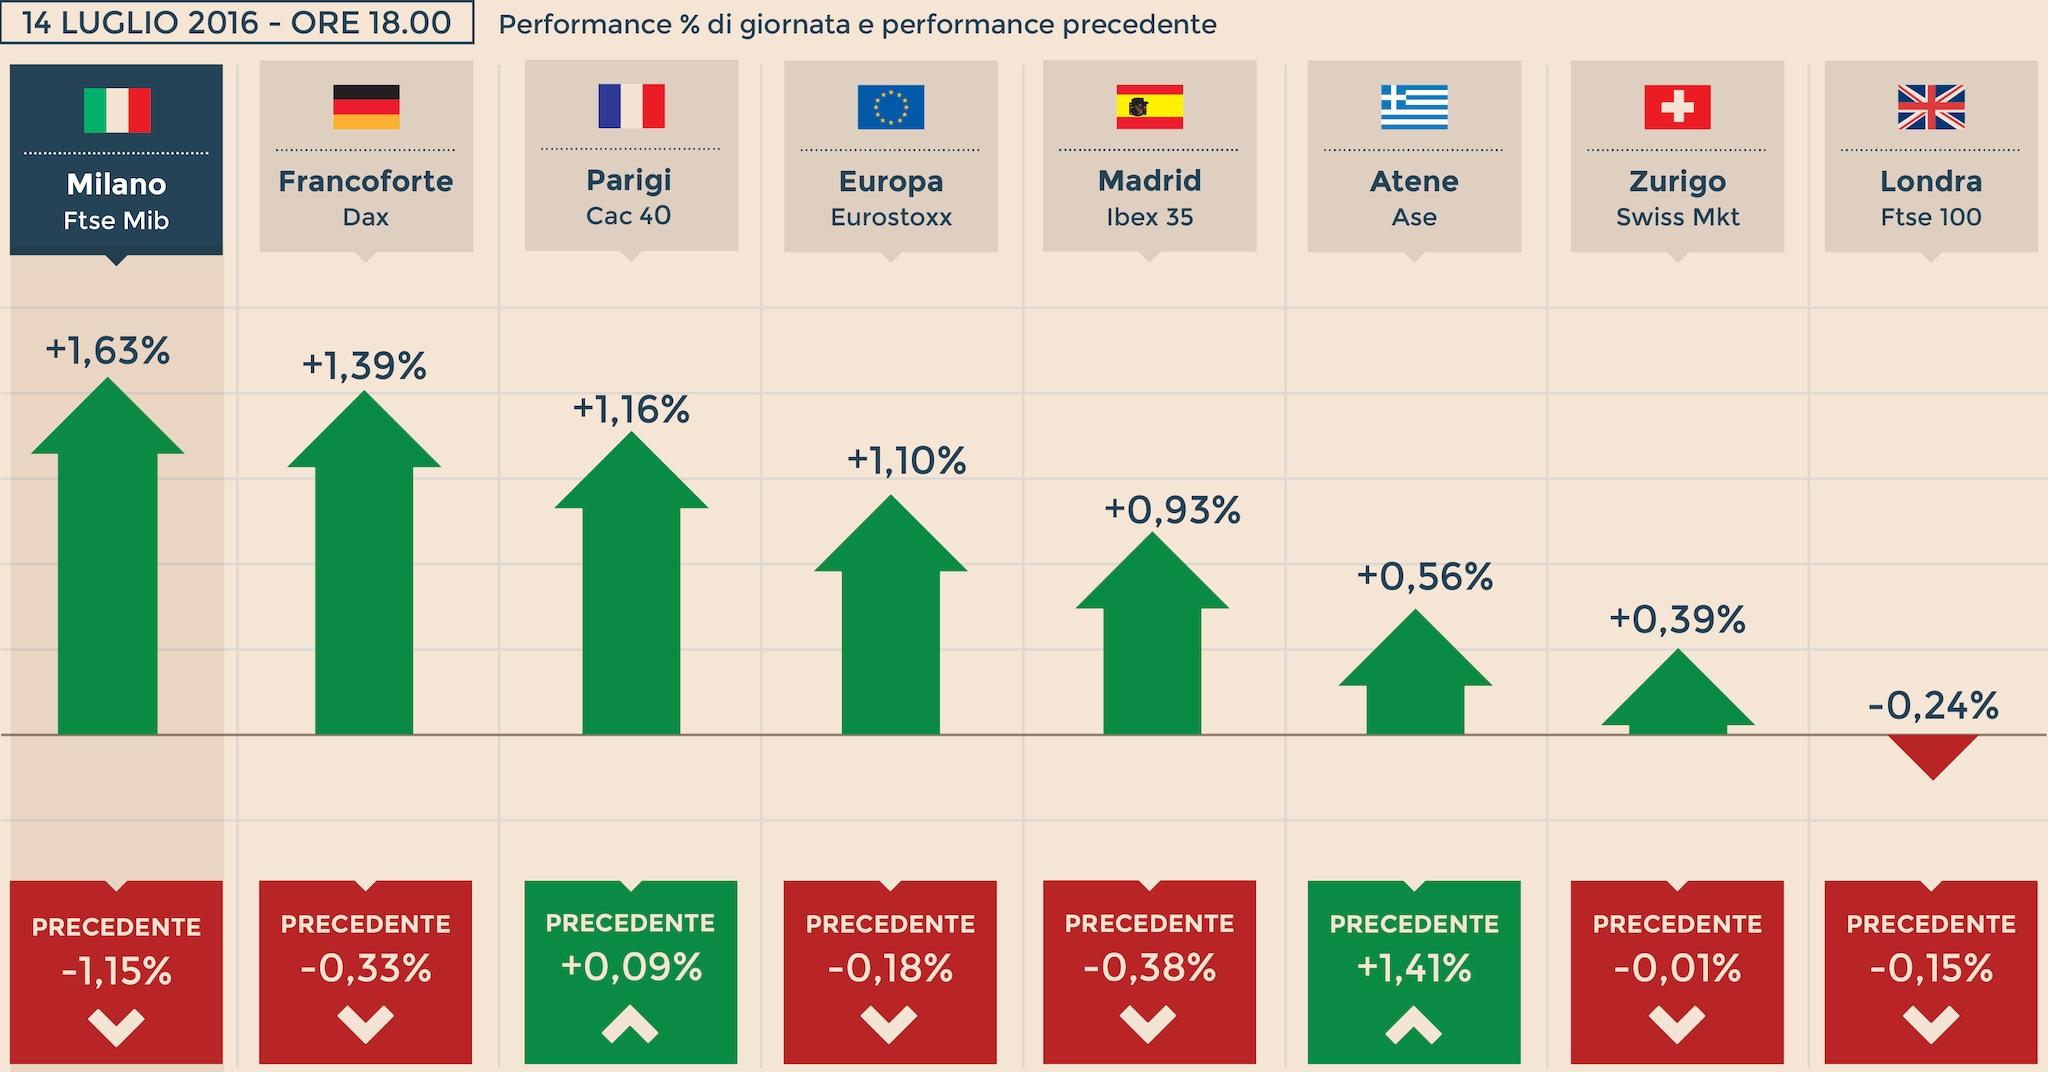 b2377aaaa1 Super Wall Street spinge le Borse. Bene Milano grazie alle banche: +1,63% -  Il Sole 24 ORE